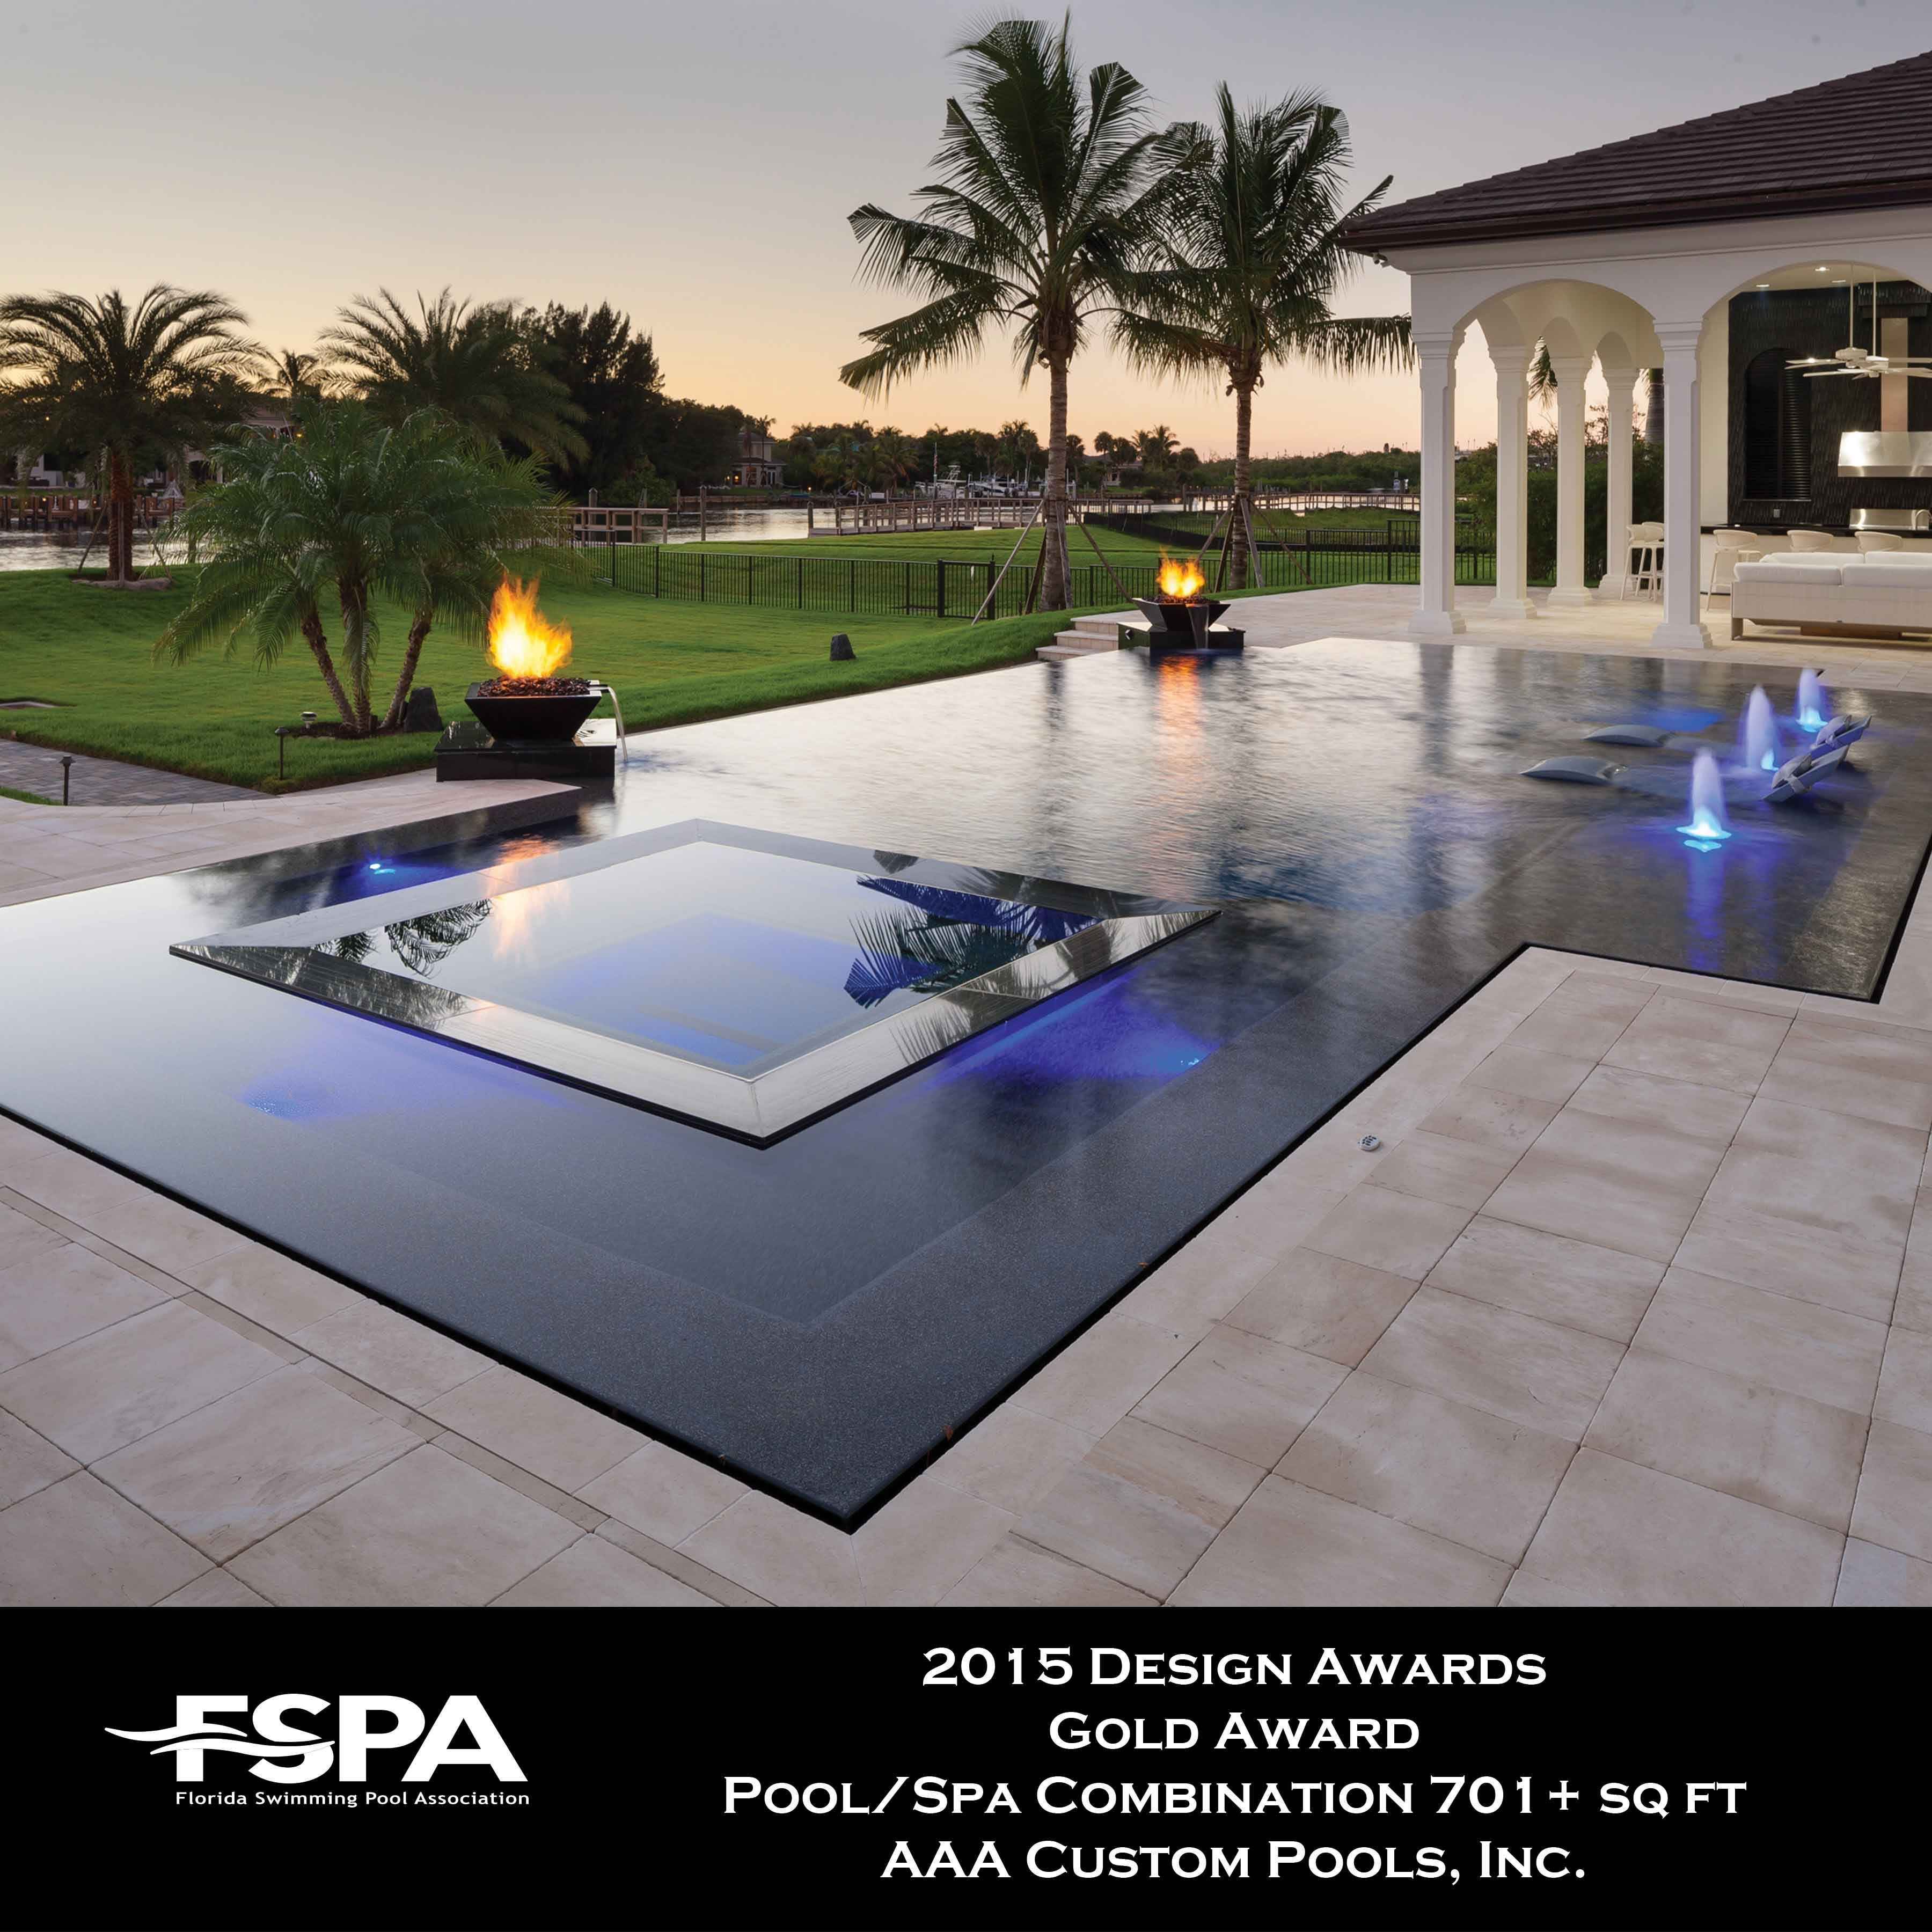 Gold Award Aaa Custom Pools Fspa Design Awards 2015 In